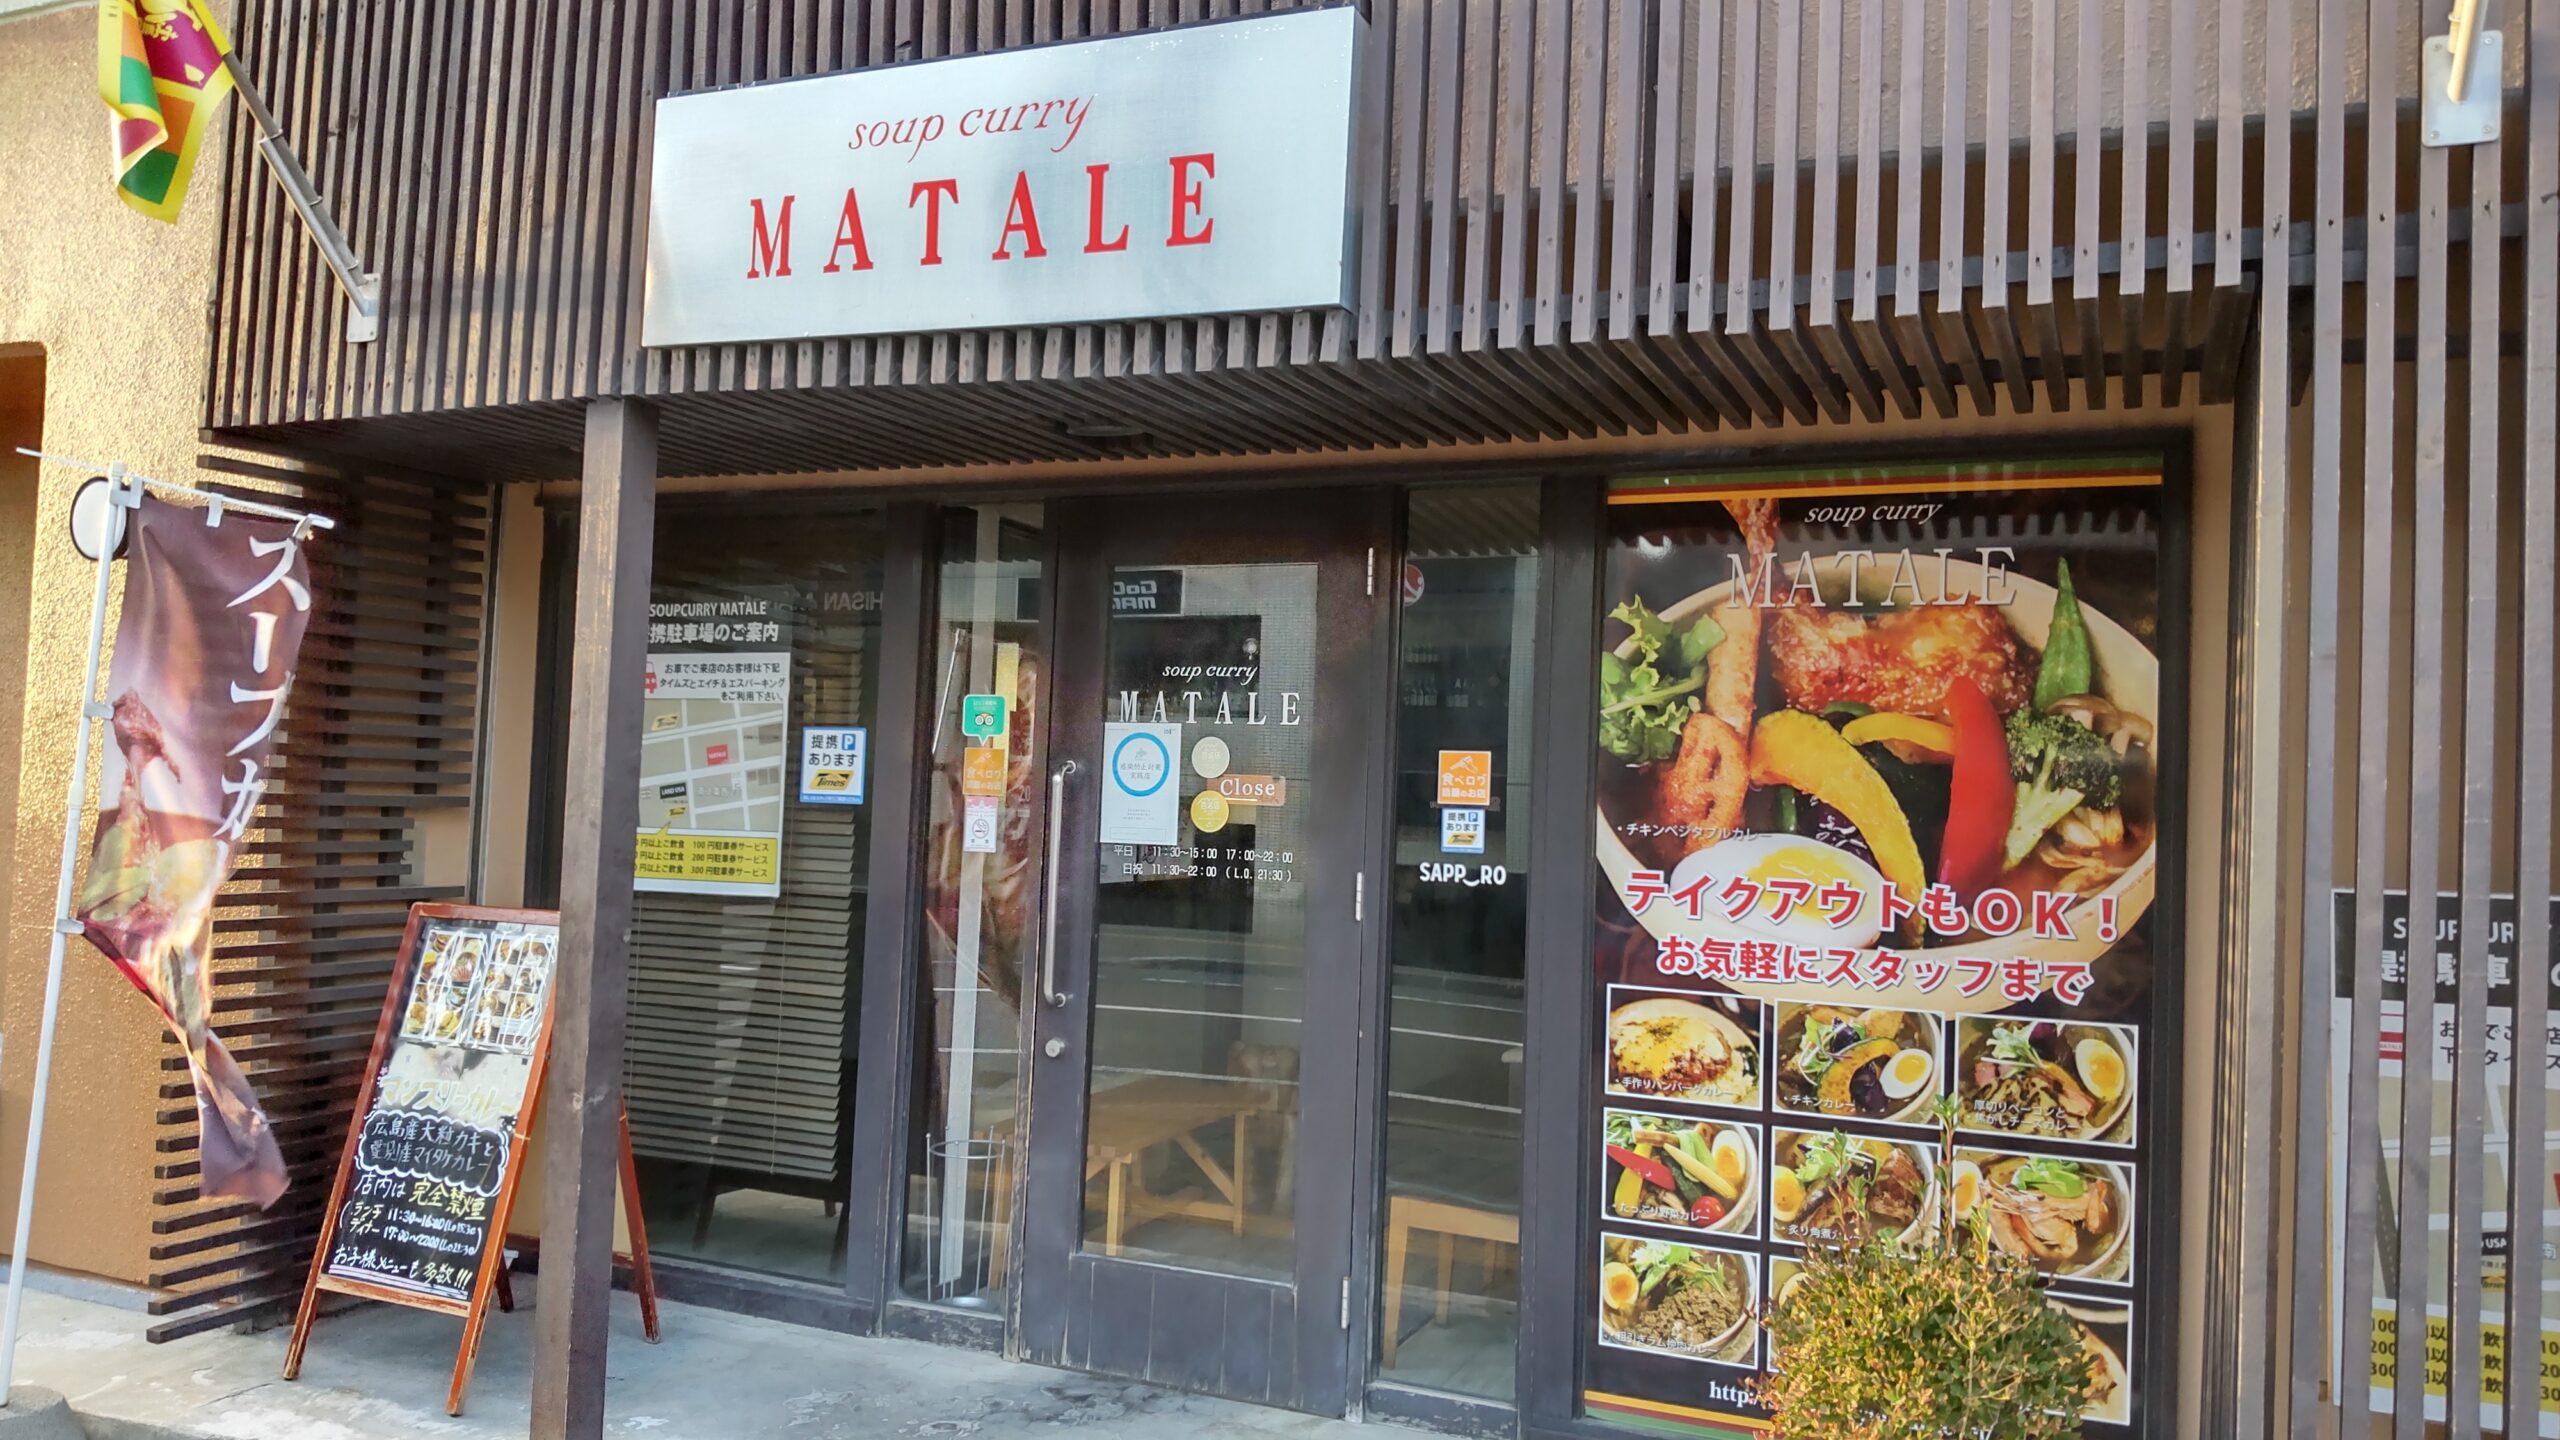 札幌スープカレー マタレー円山店